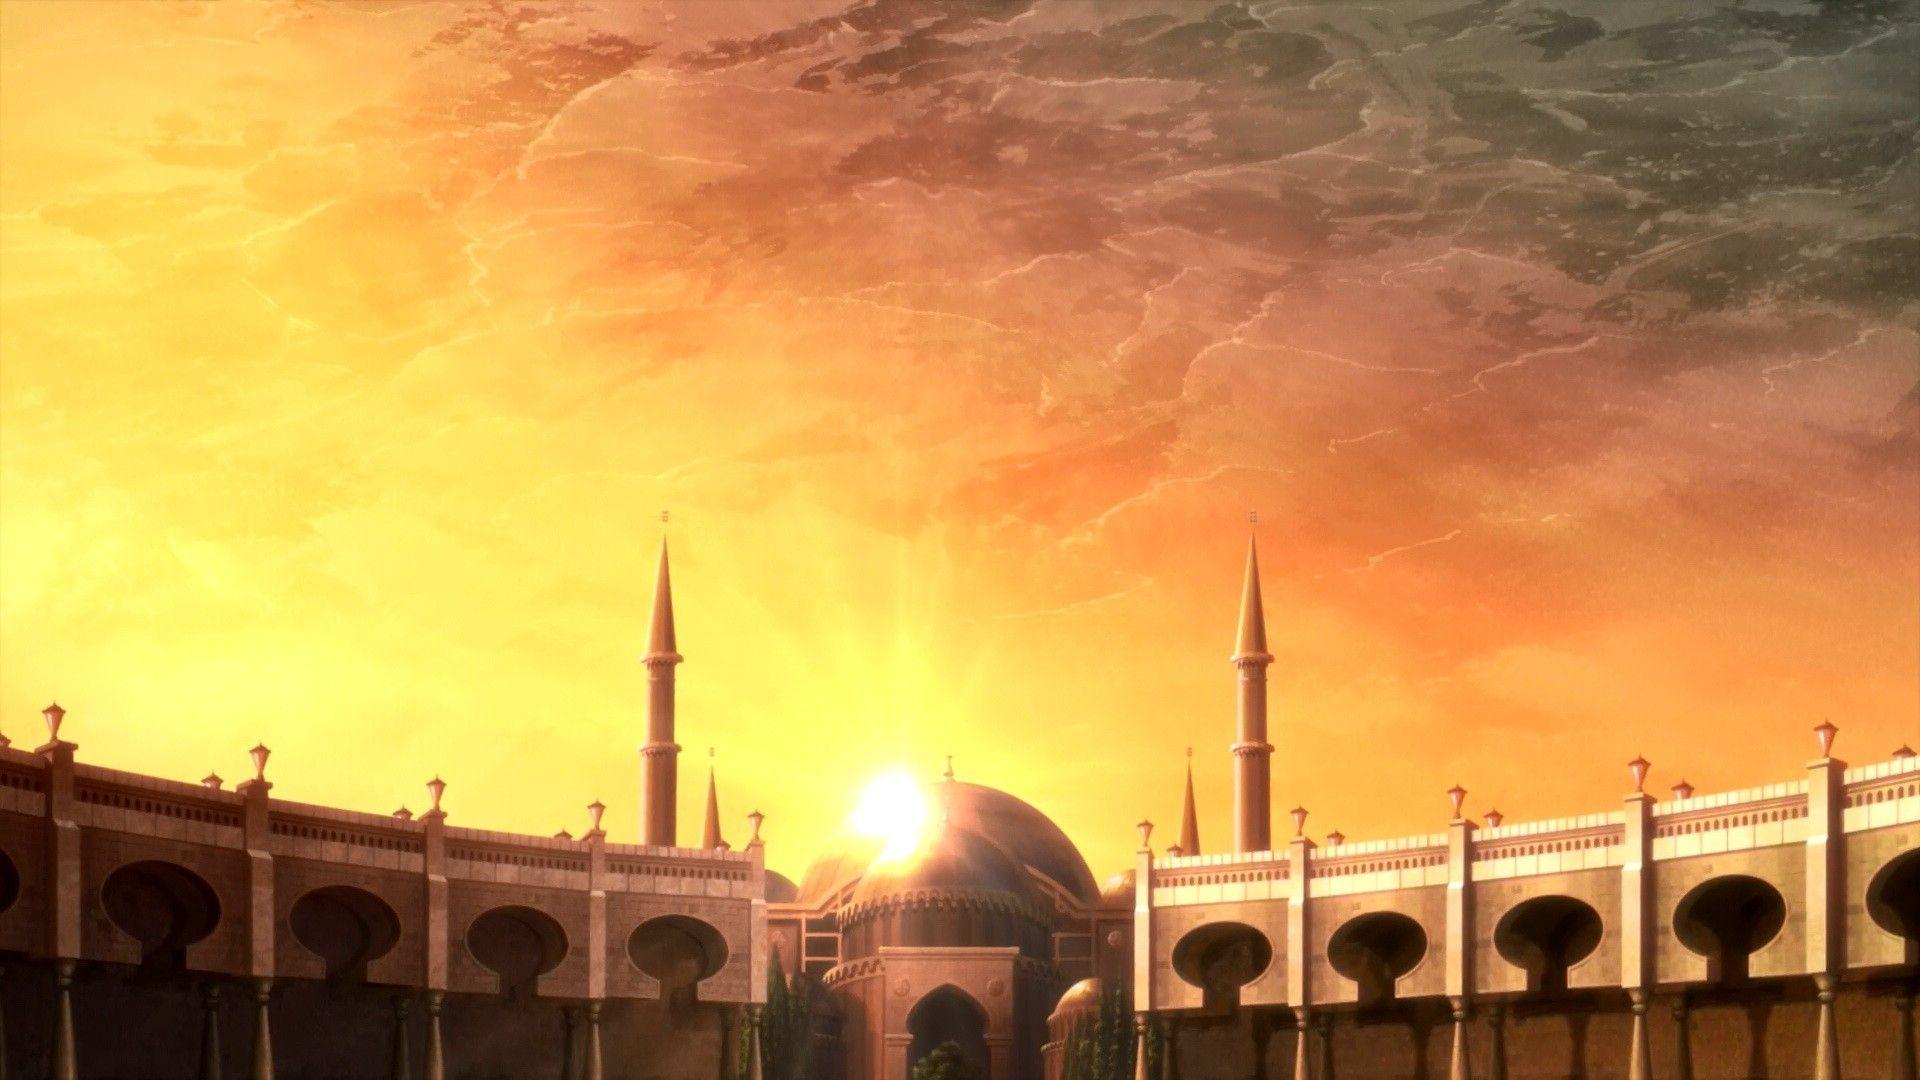 1920x1080 Hình nền Hồi giáo HD 2017